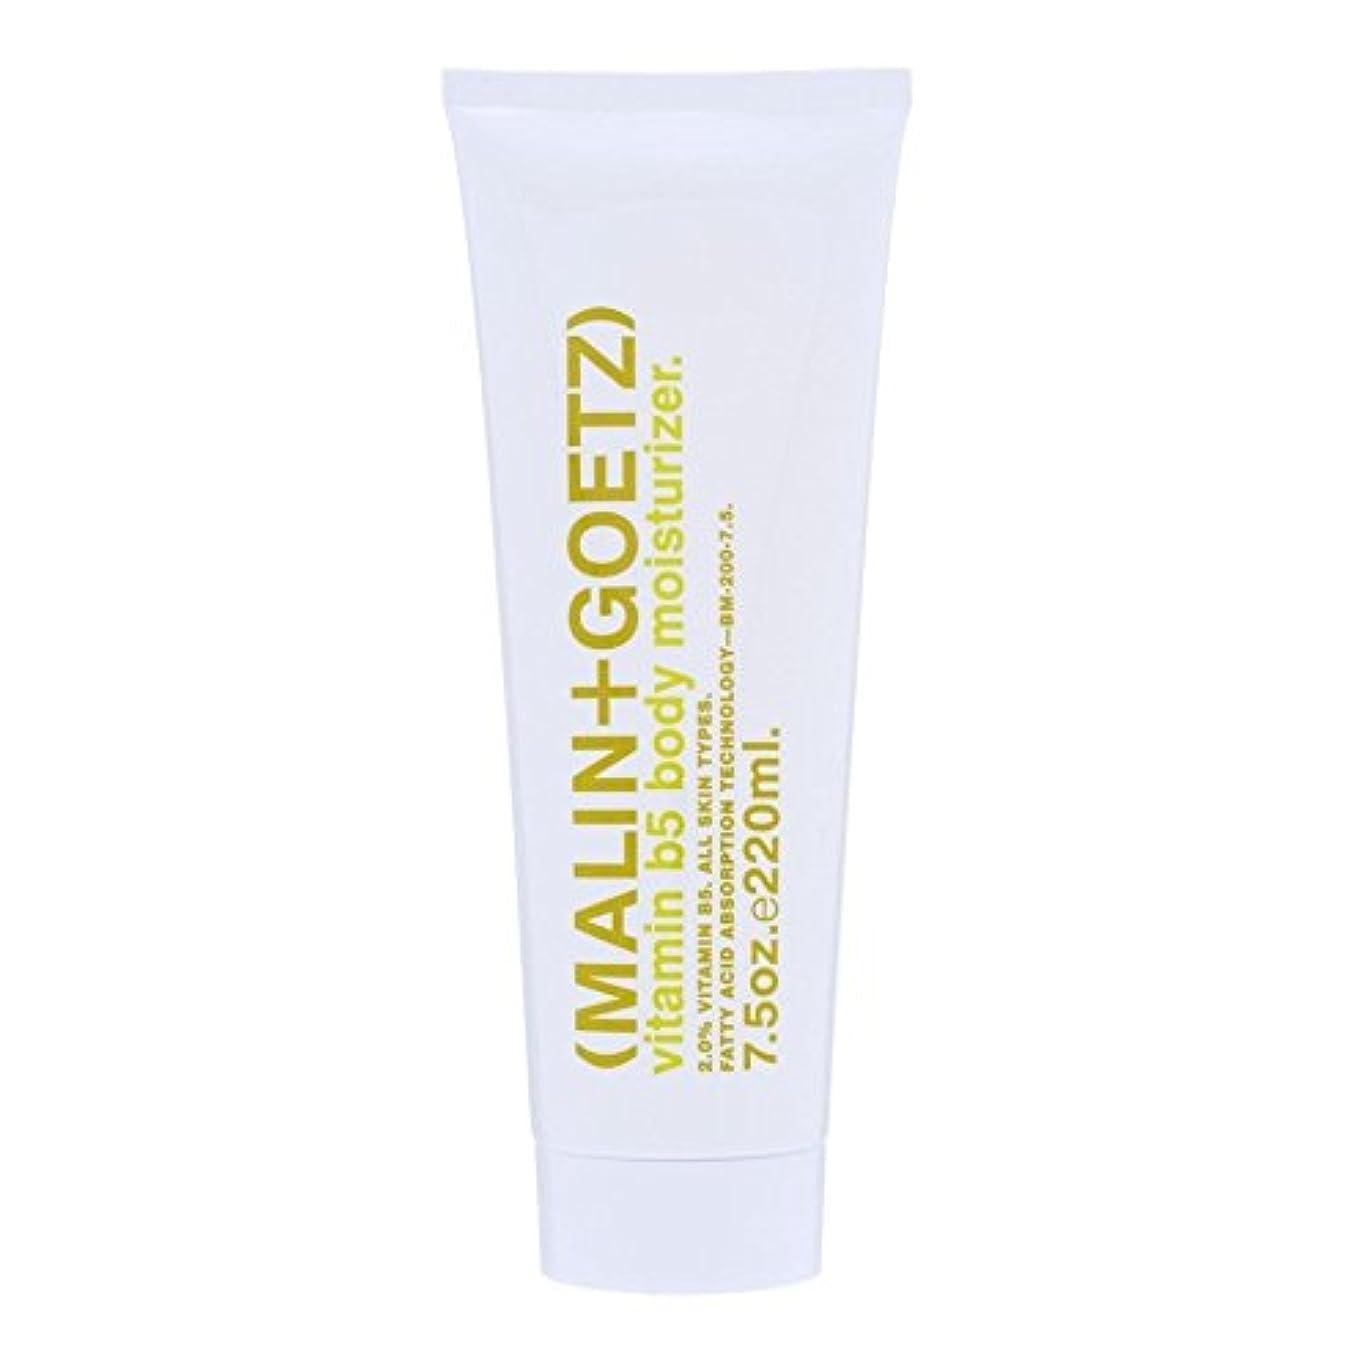 補充着る分泌する(MALIN+GOETZ) Vitamin B5 Body Moisturiser 220ml - (マリン+ゲッツ)ビタミン5ボディモイスチャライザーの220ミリリットル [並行輸入品]